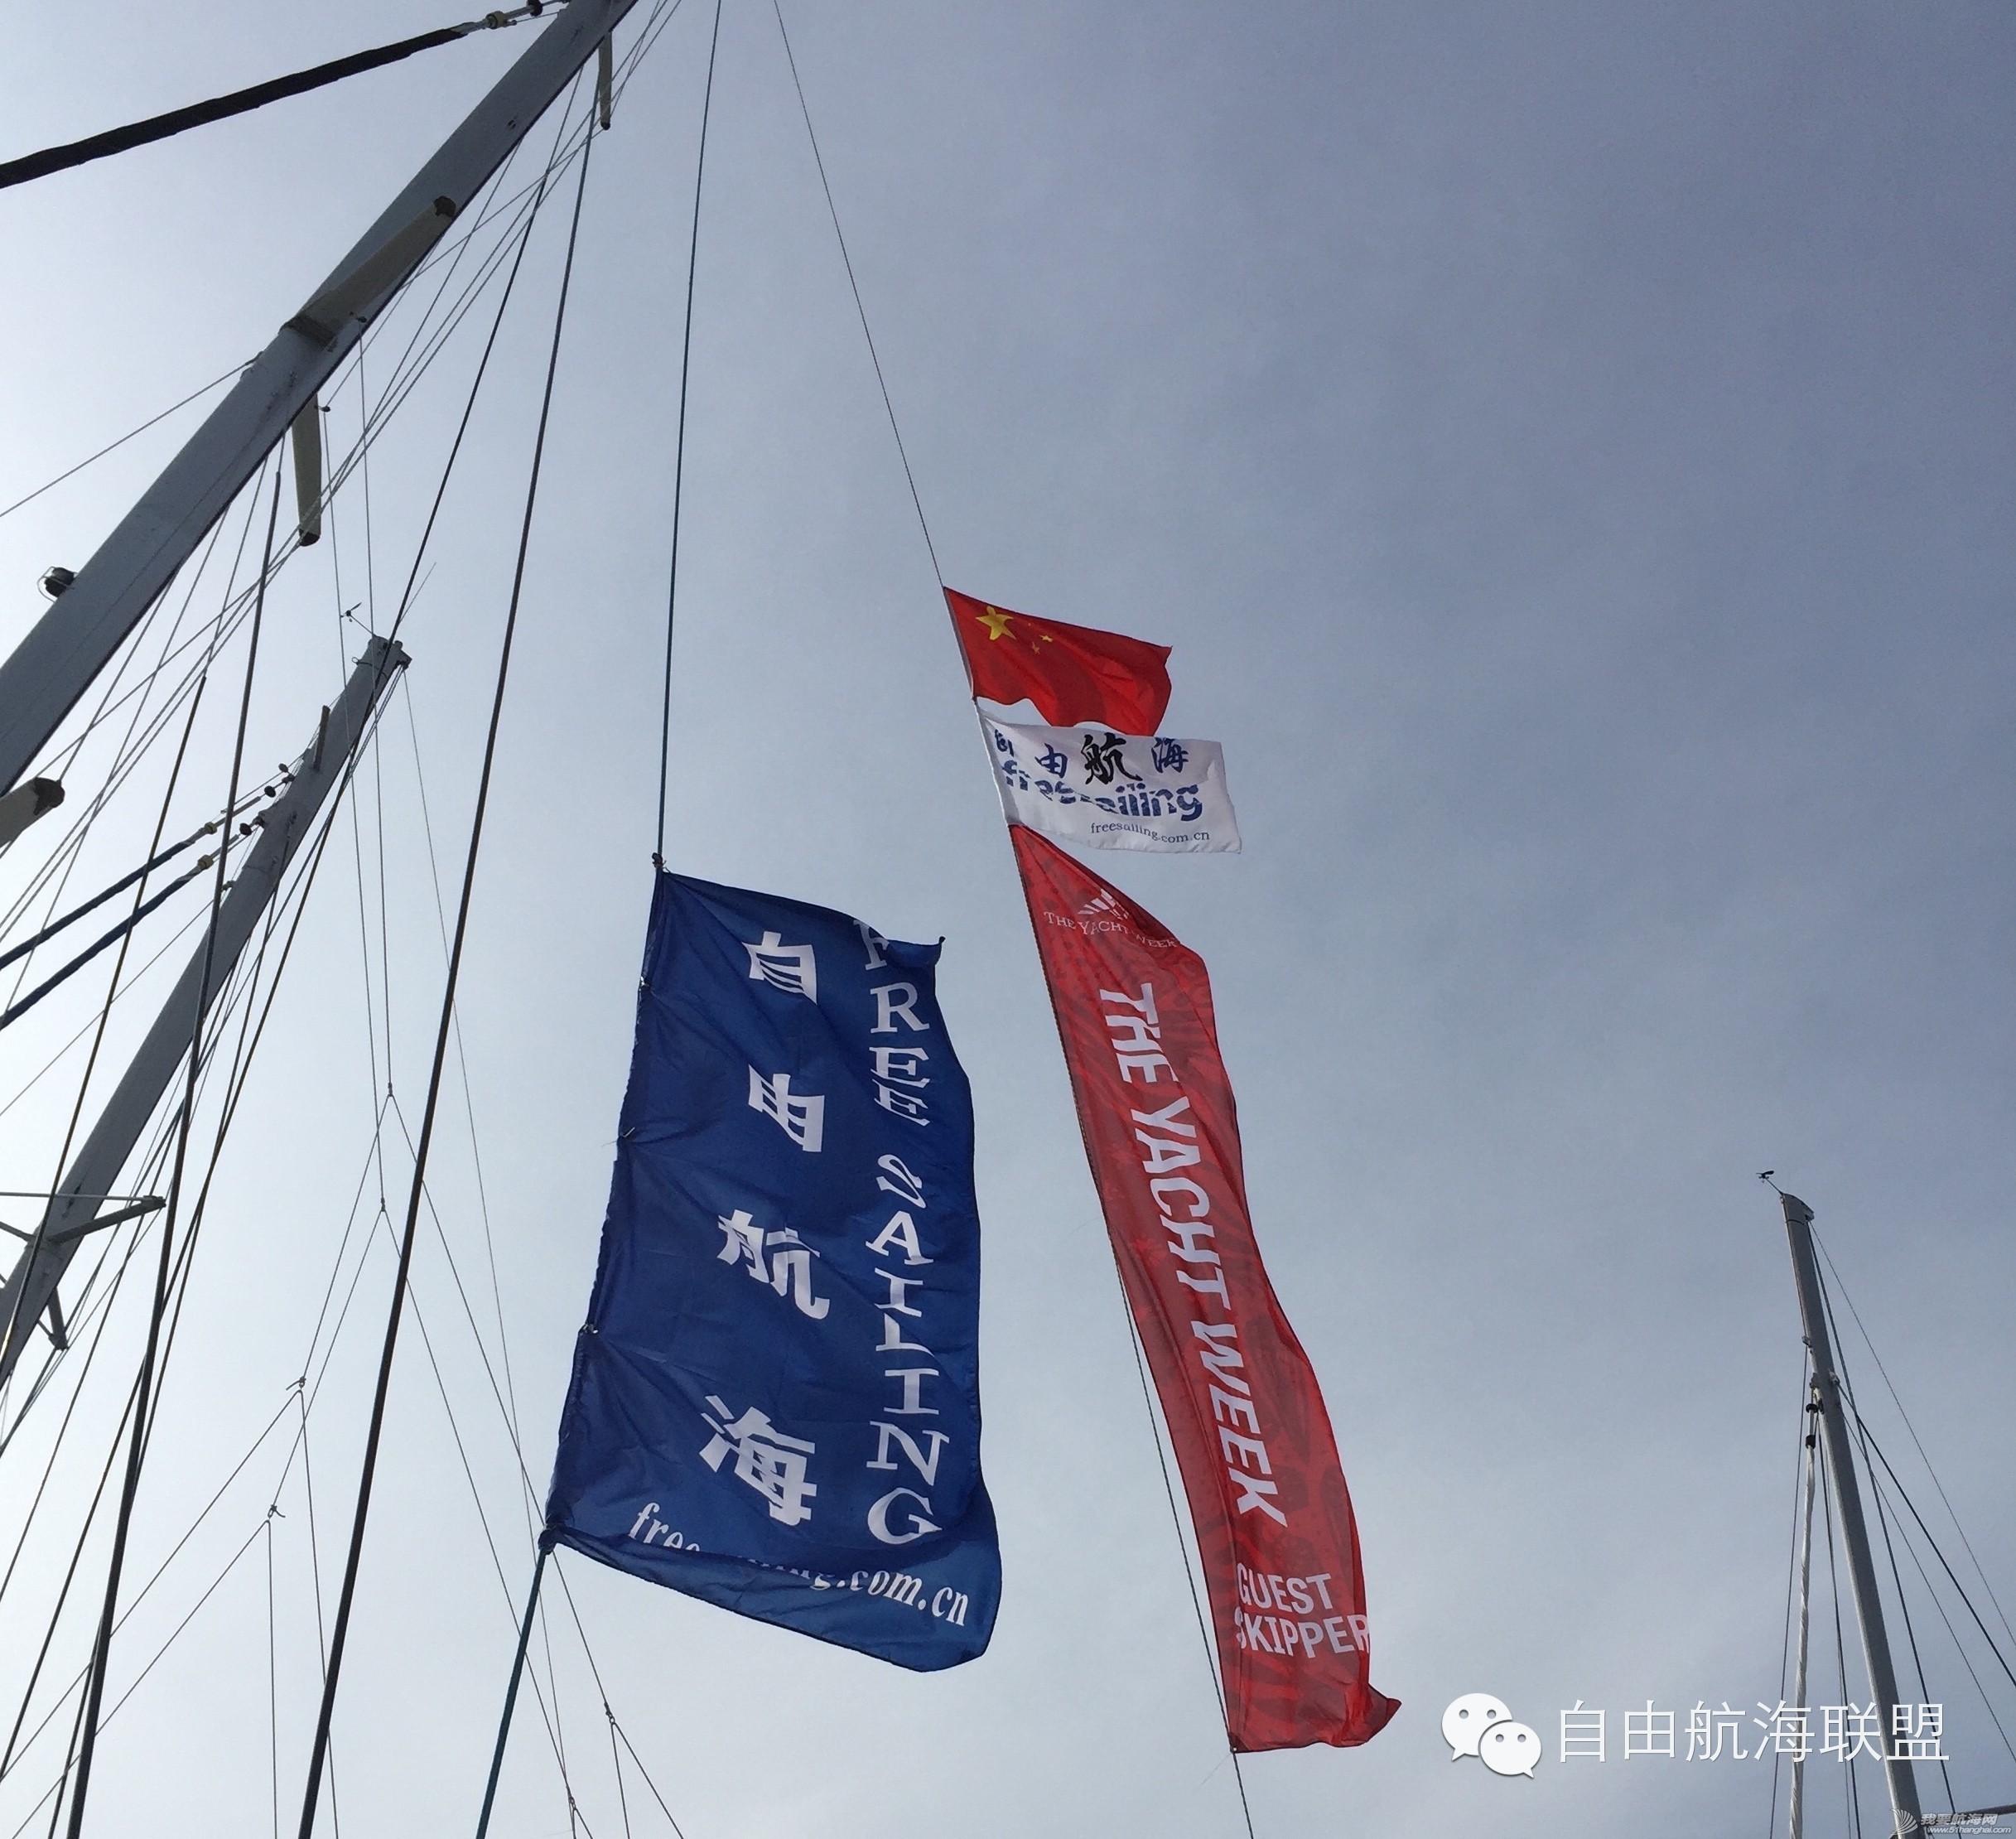 帆船,国际,海岛,驾照 绝美海岛帆旅and考取国际帆船驾照 58ae29127e7cf2721ae84d88cc513d3b.jpg